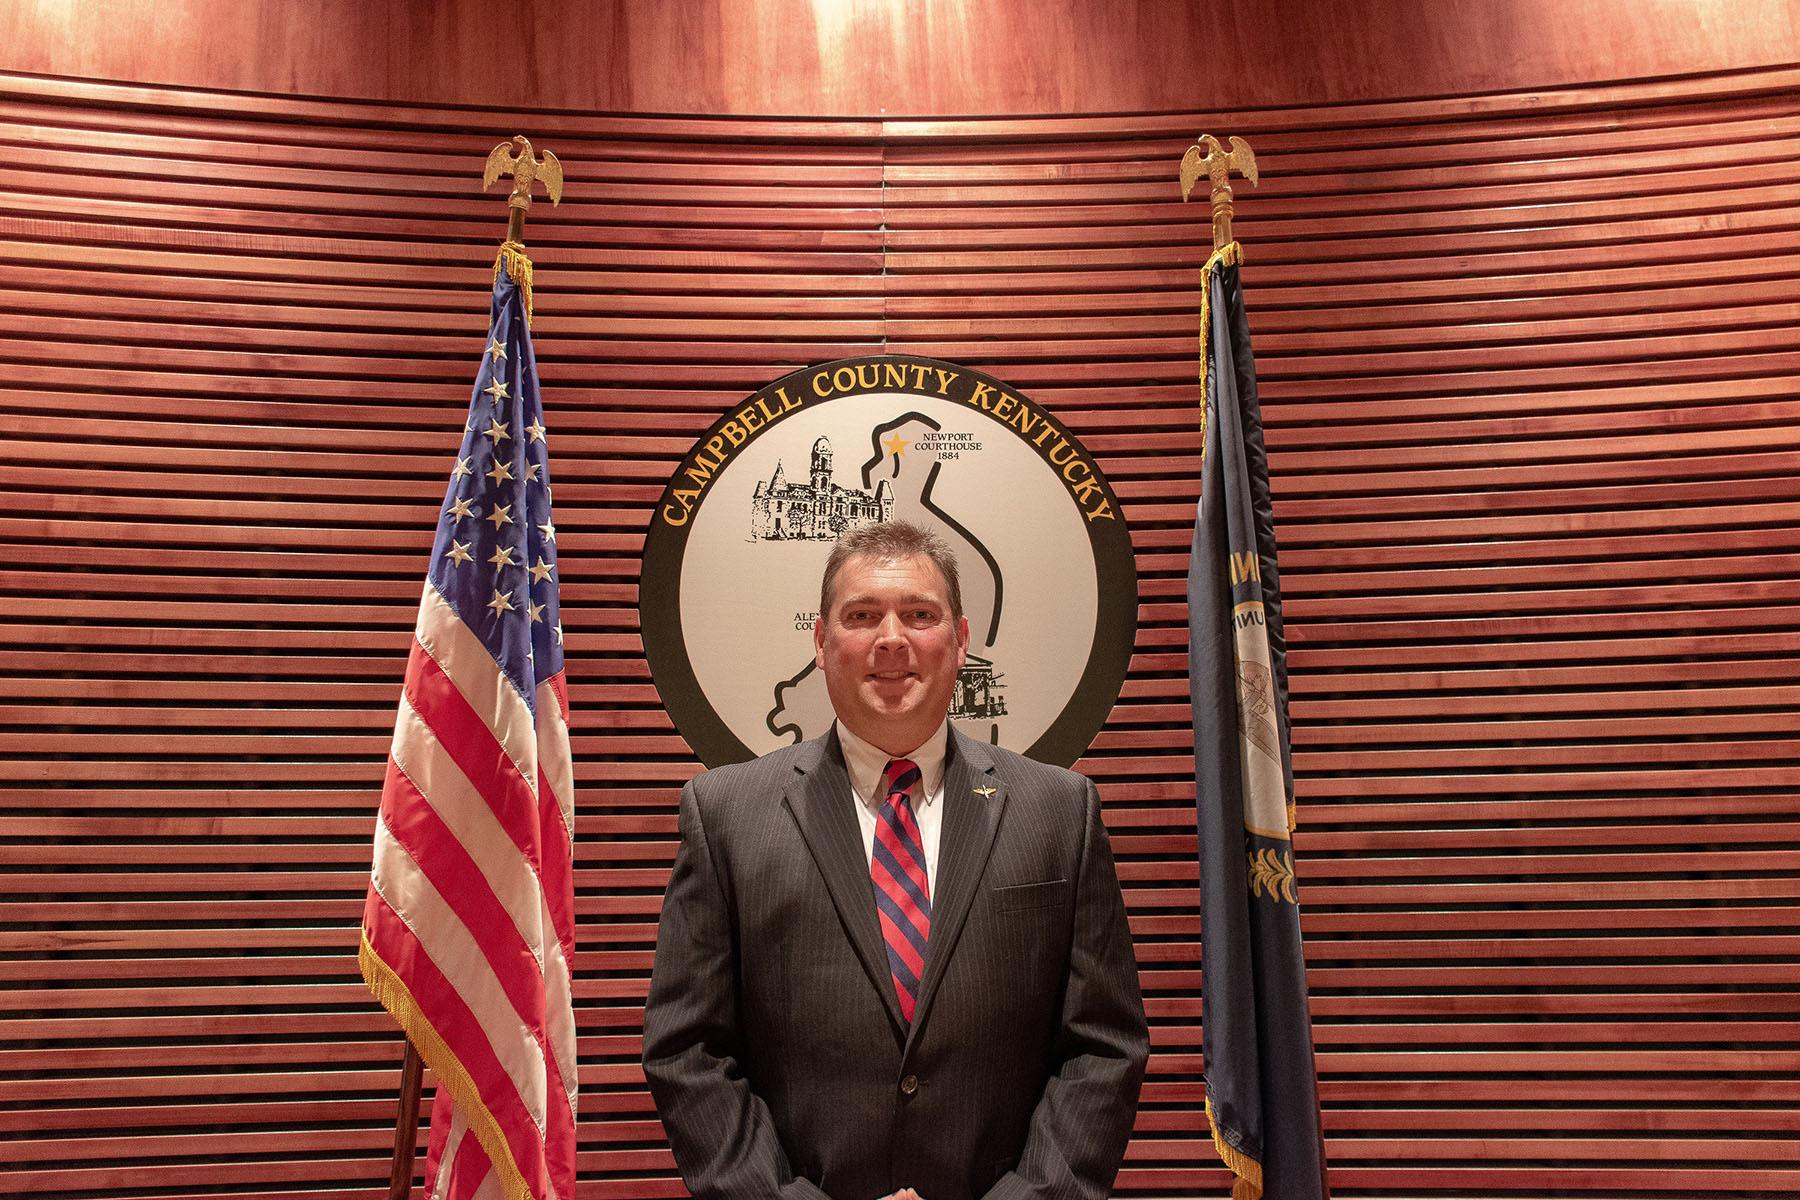 Commissioner Geoff Besecker